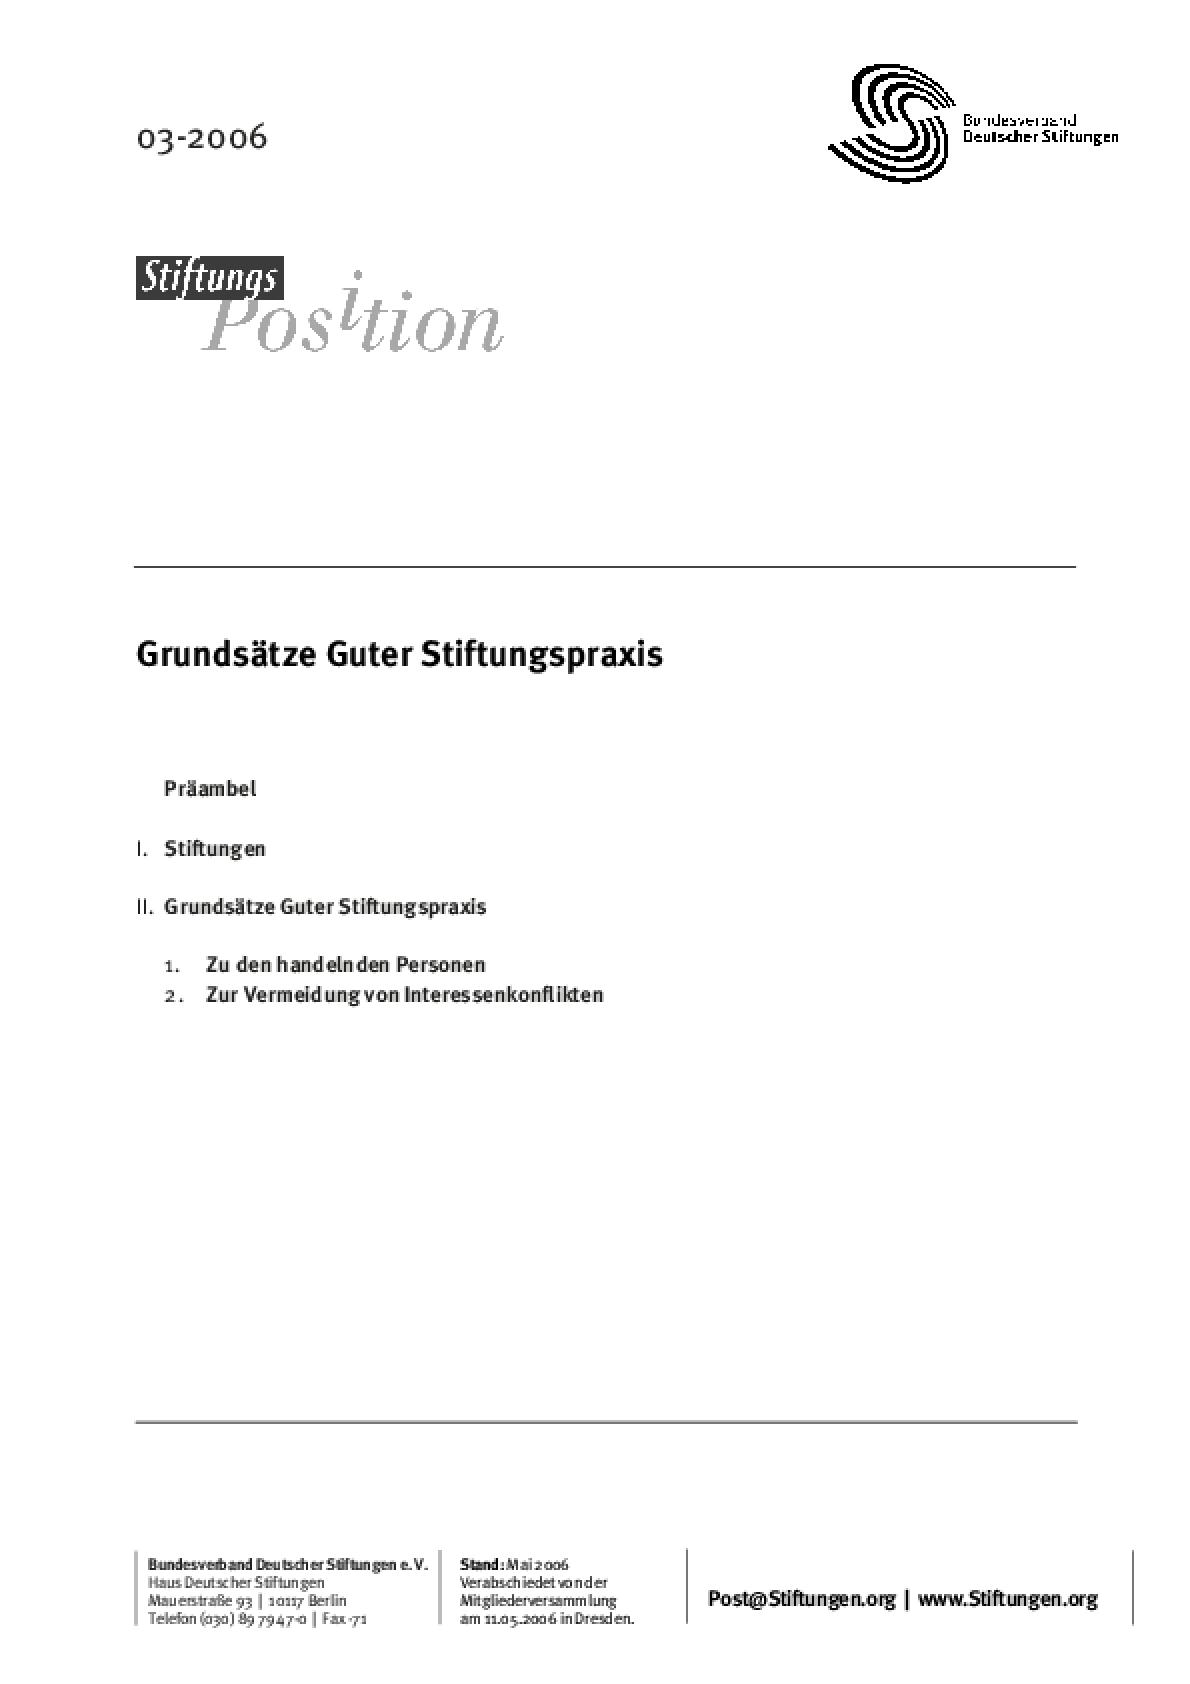 GrundsäGuter Stiftungspraxis